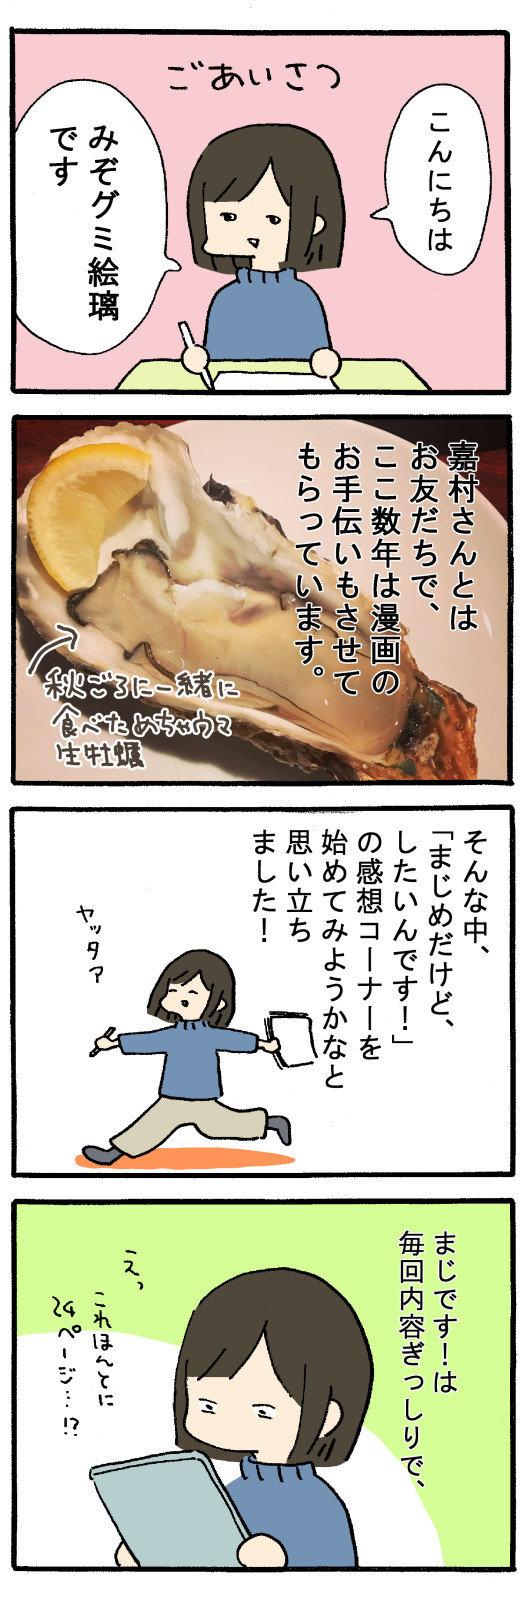 ごあいさつ漫画1.jpg